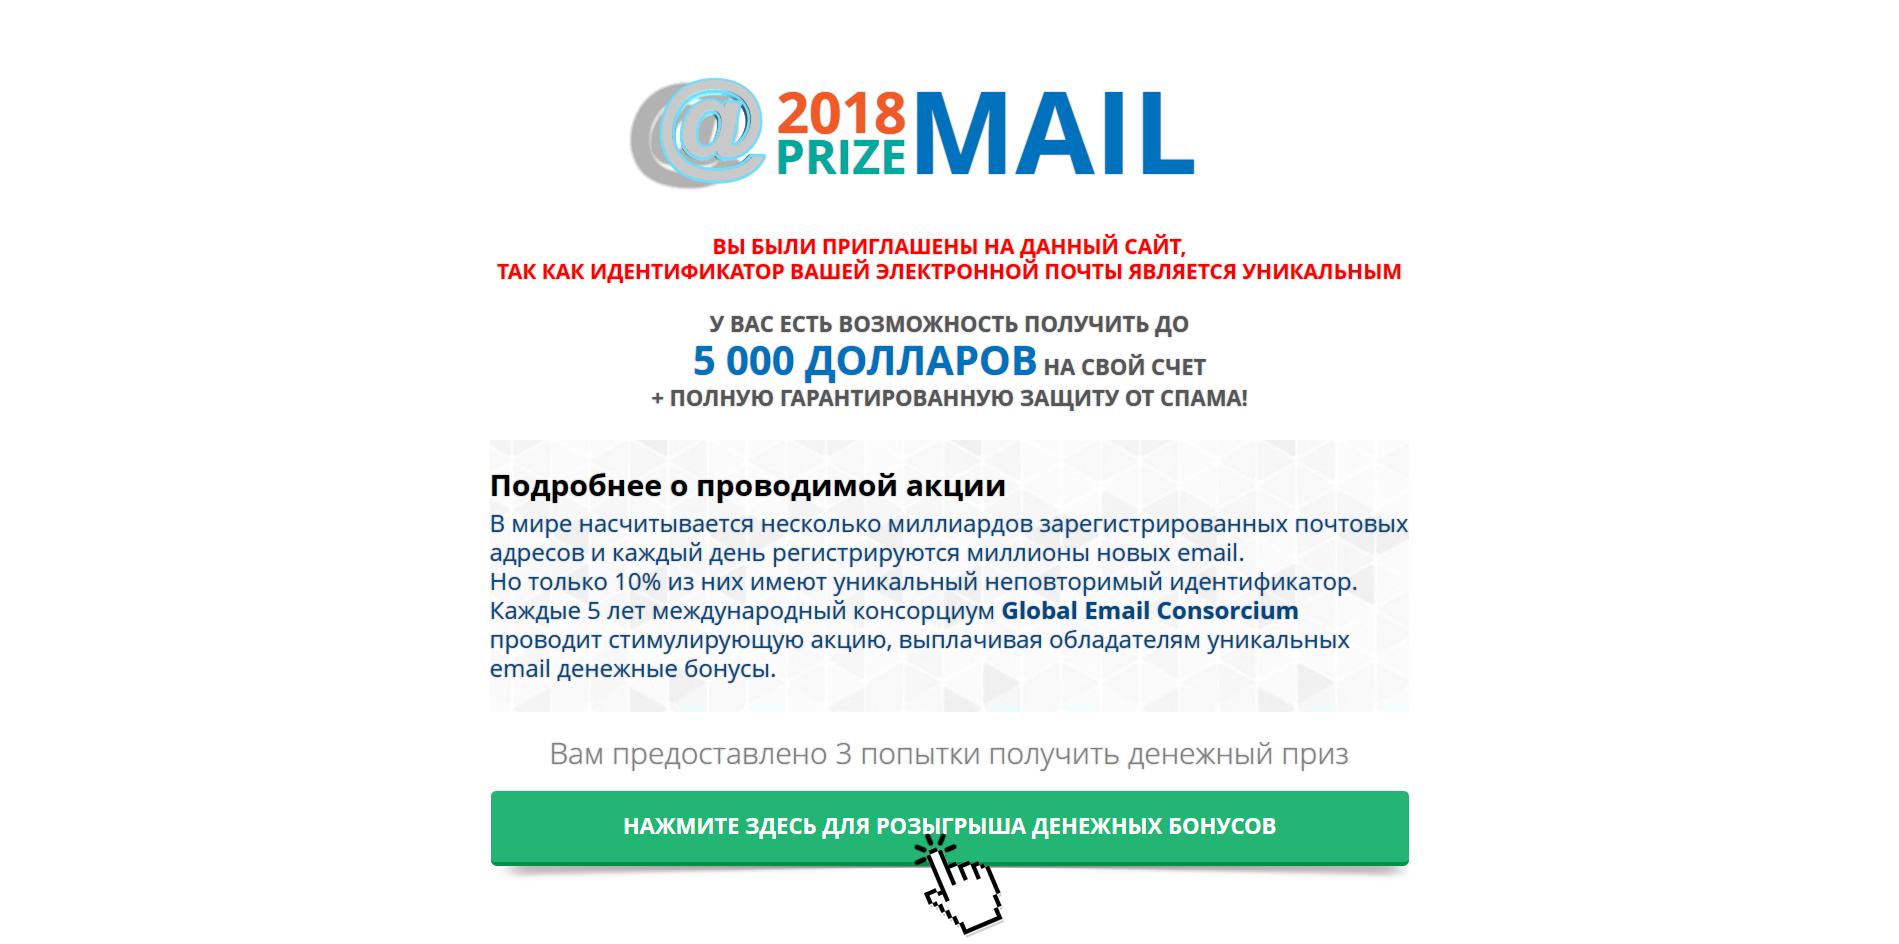 Prizemail2018 - Вы были приглашены на данный сайт   Baxov